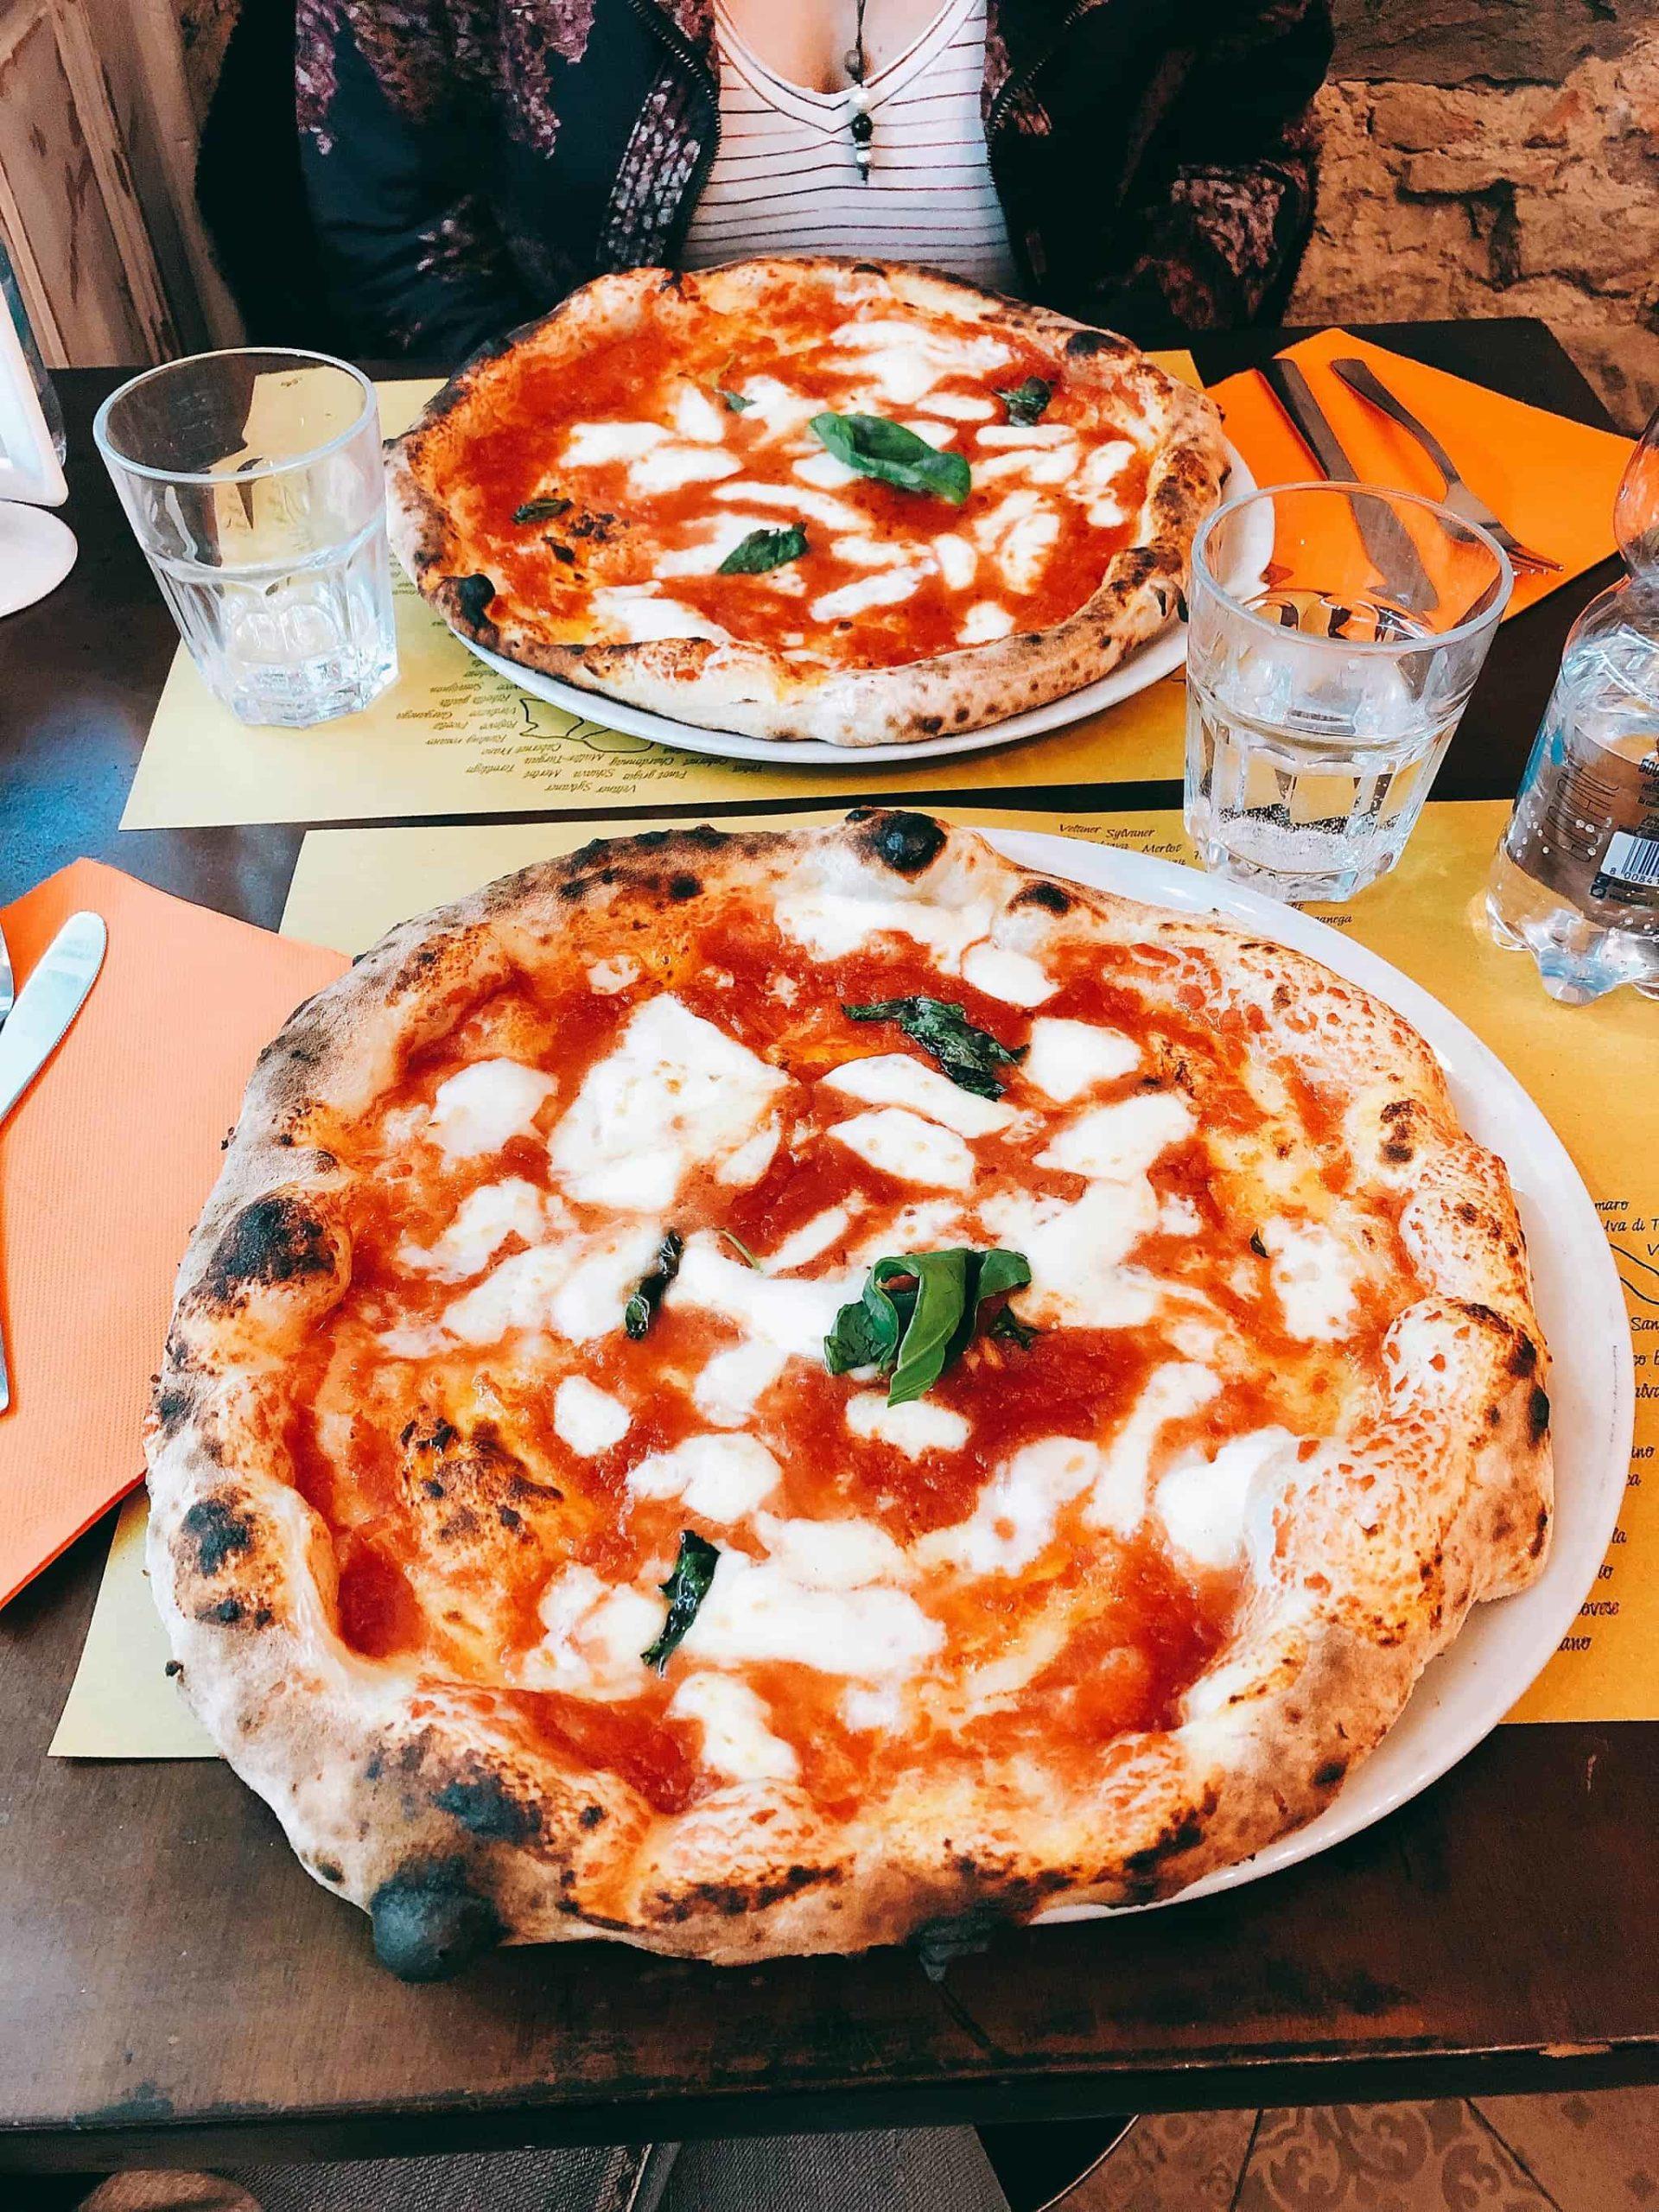 Il Podio Pizzeria Ristorante Ravensburg Pizza 03 Unsplash